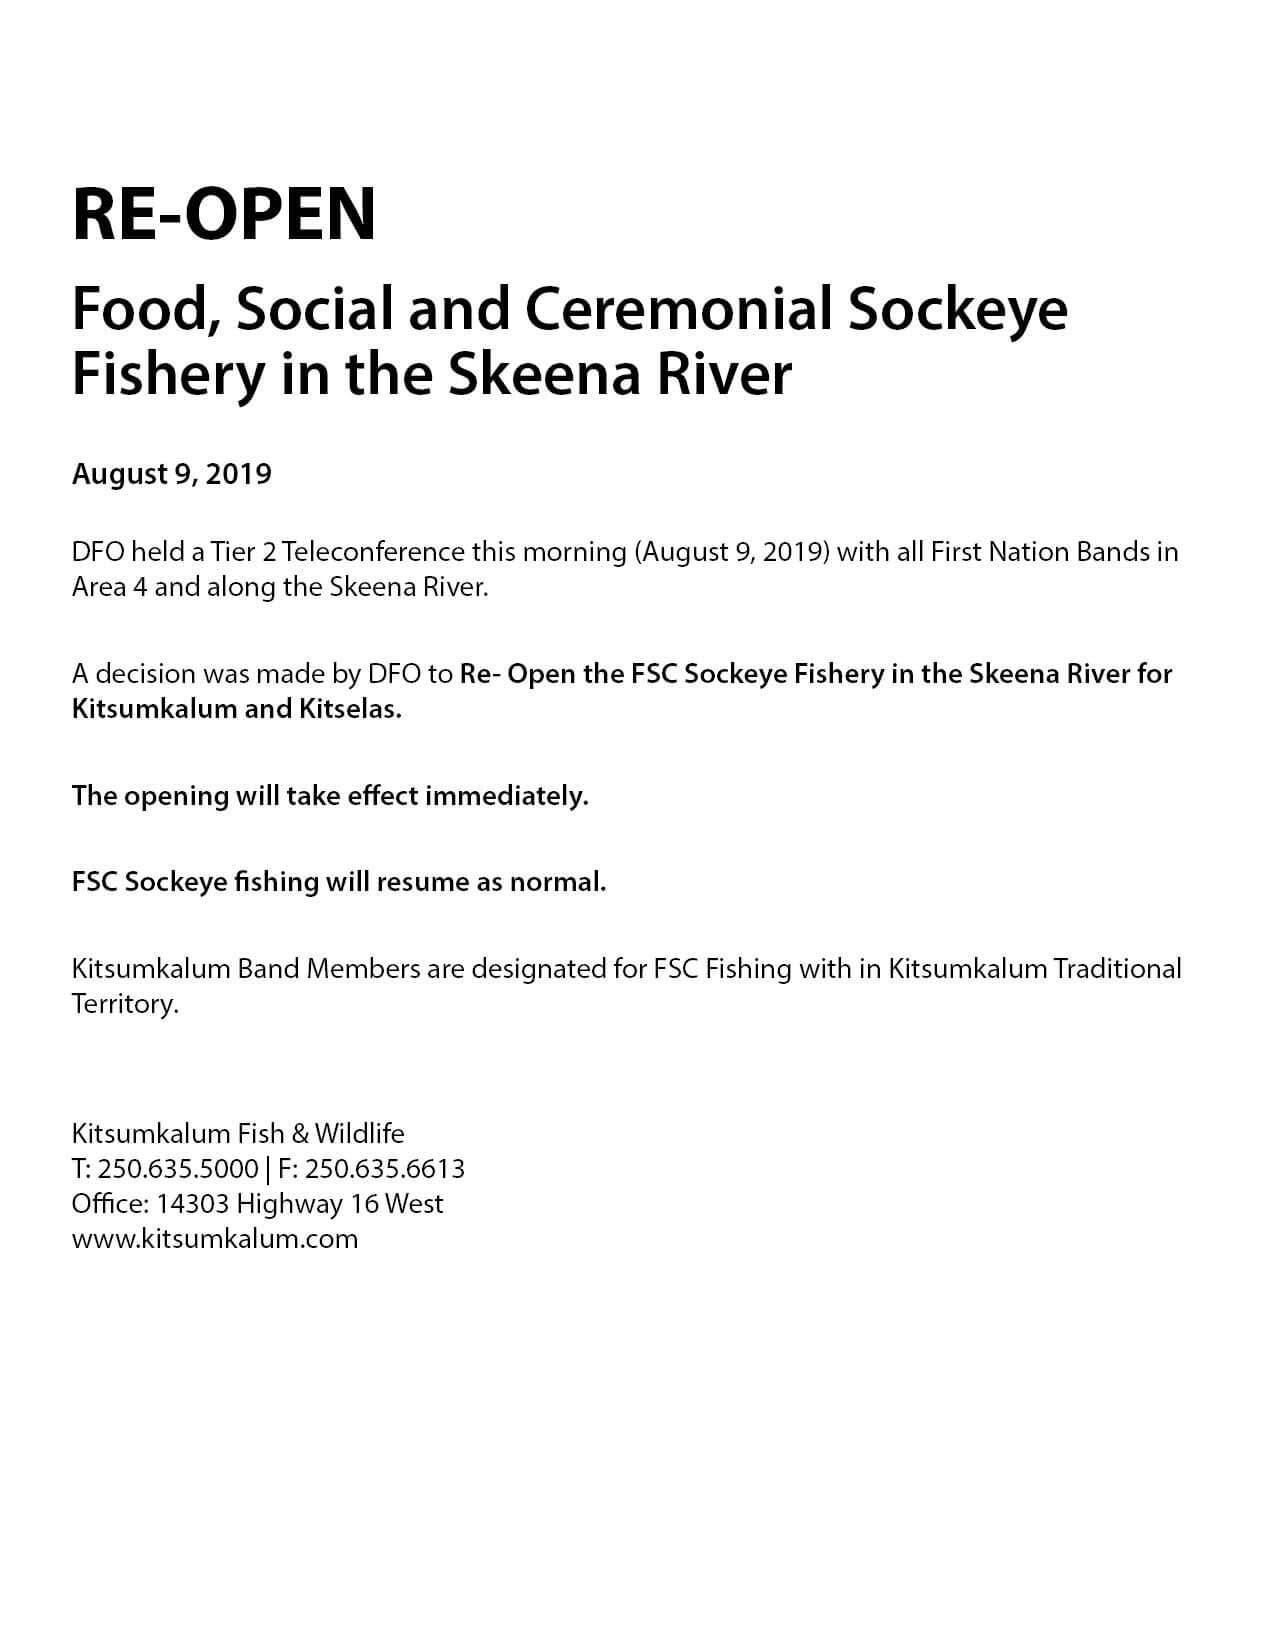 Tsimshian Environmental Stewardship Society (TESS